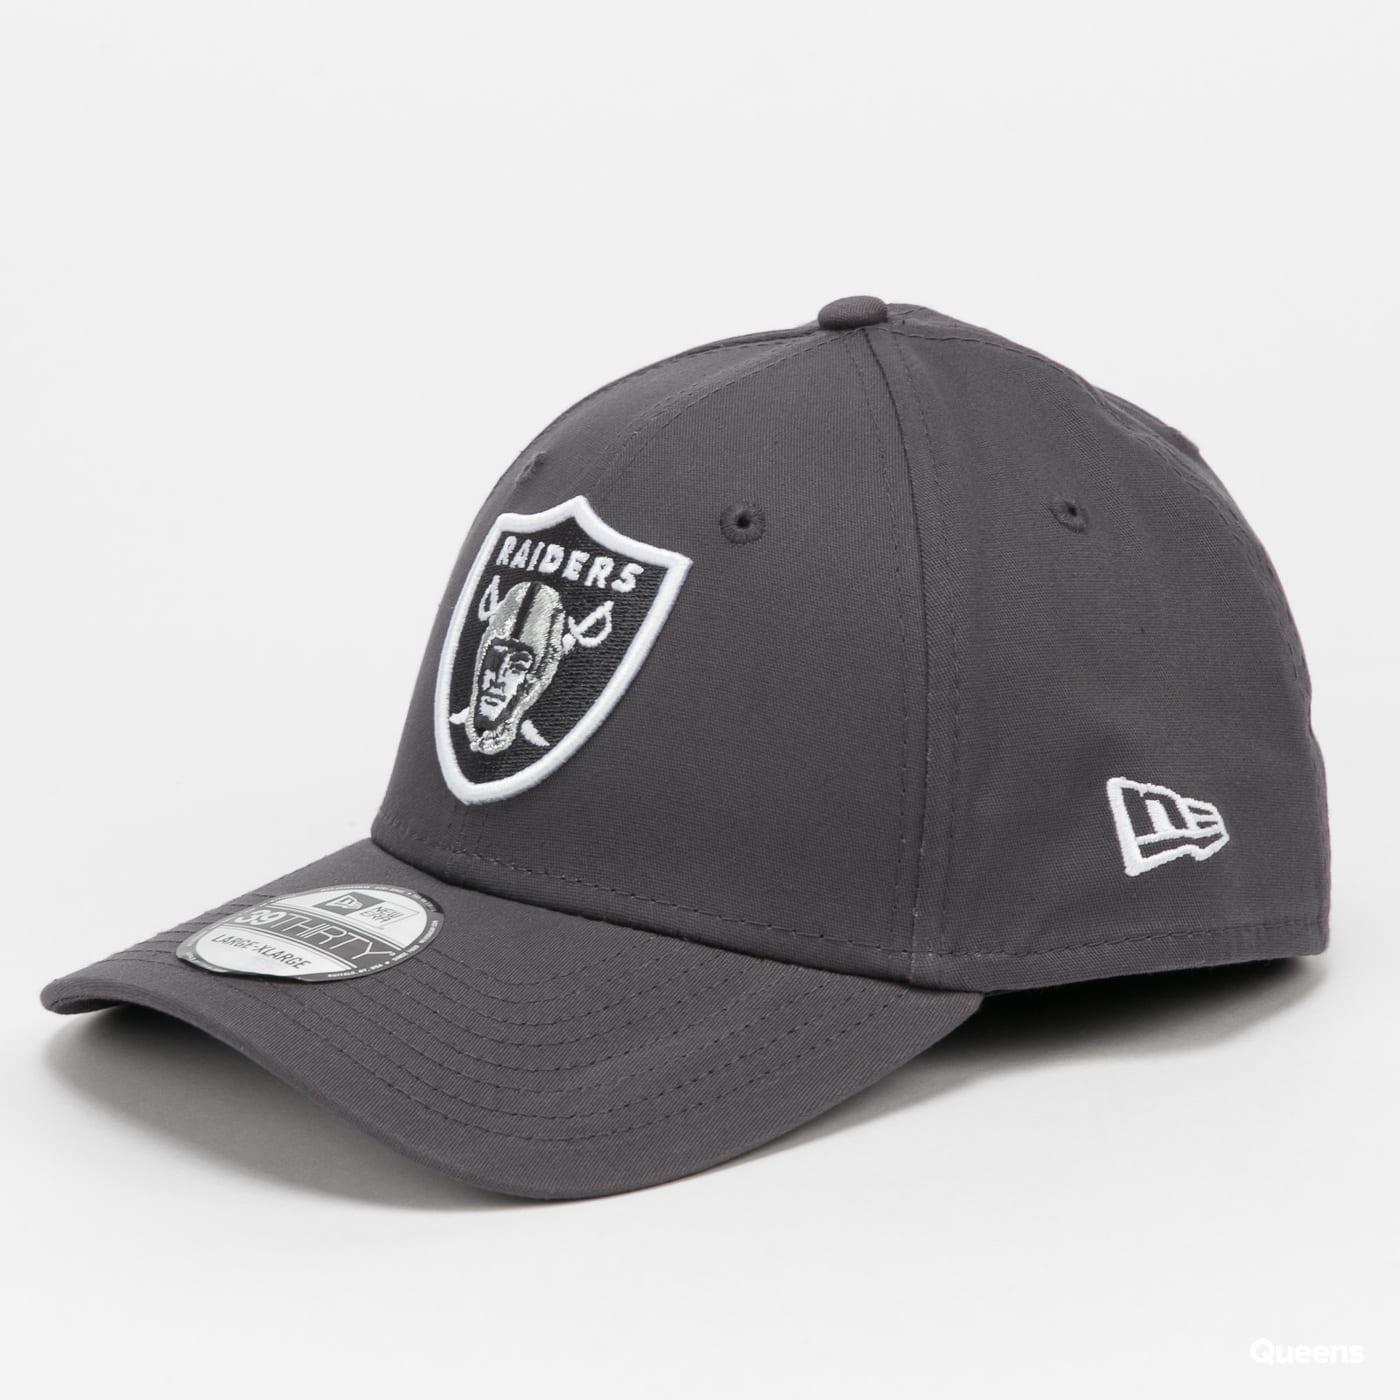 New Era 3930 NFL Gray Pop Raiders dark gray